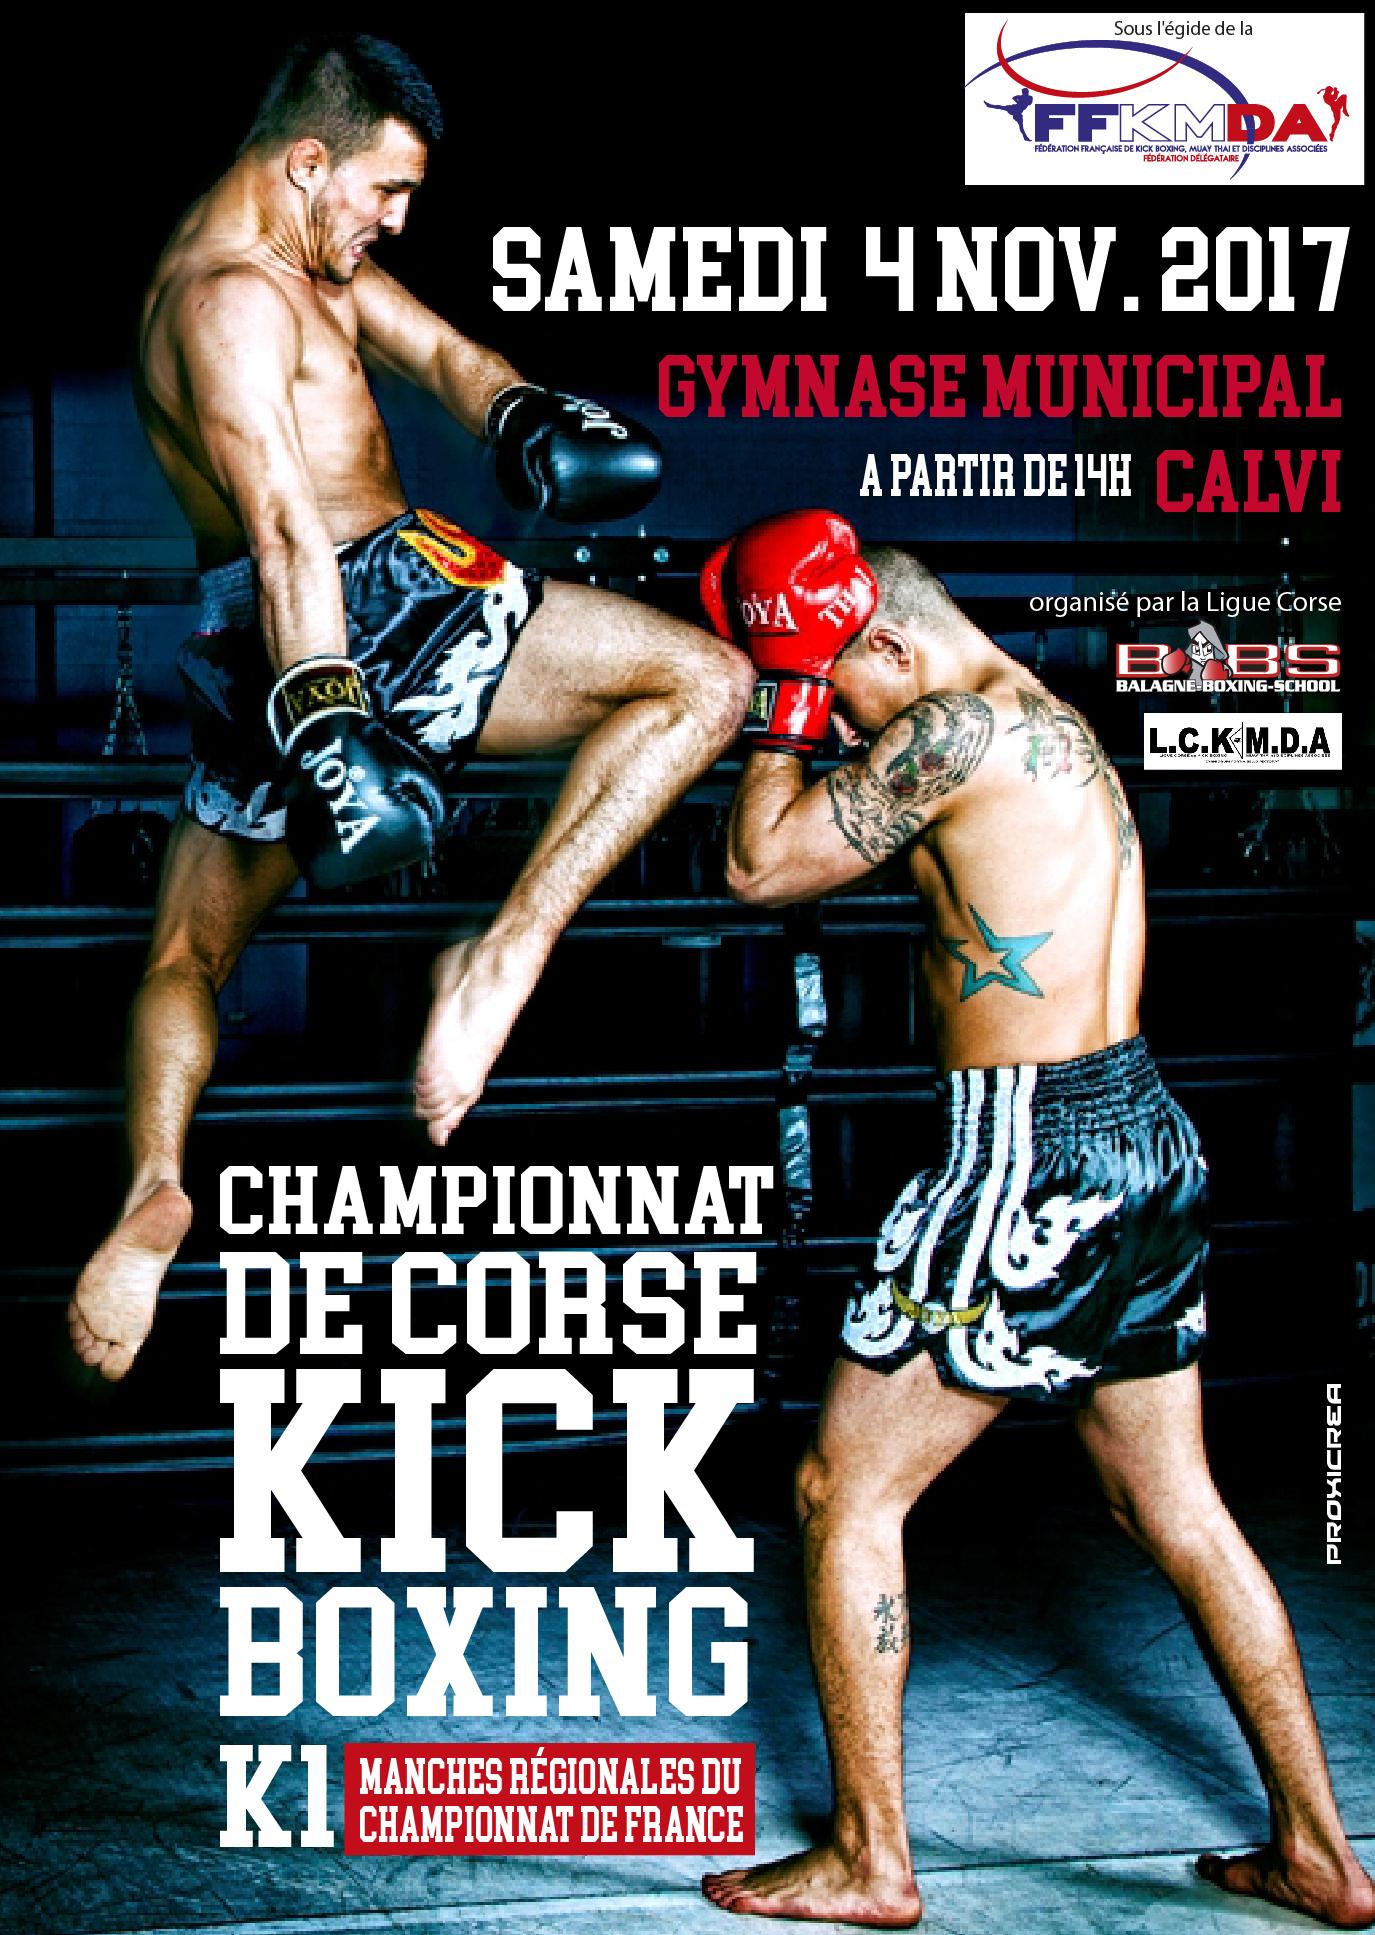 Championnats de Corse de kick Boxing samedi à Calvi